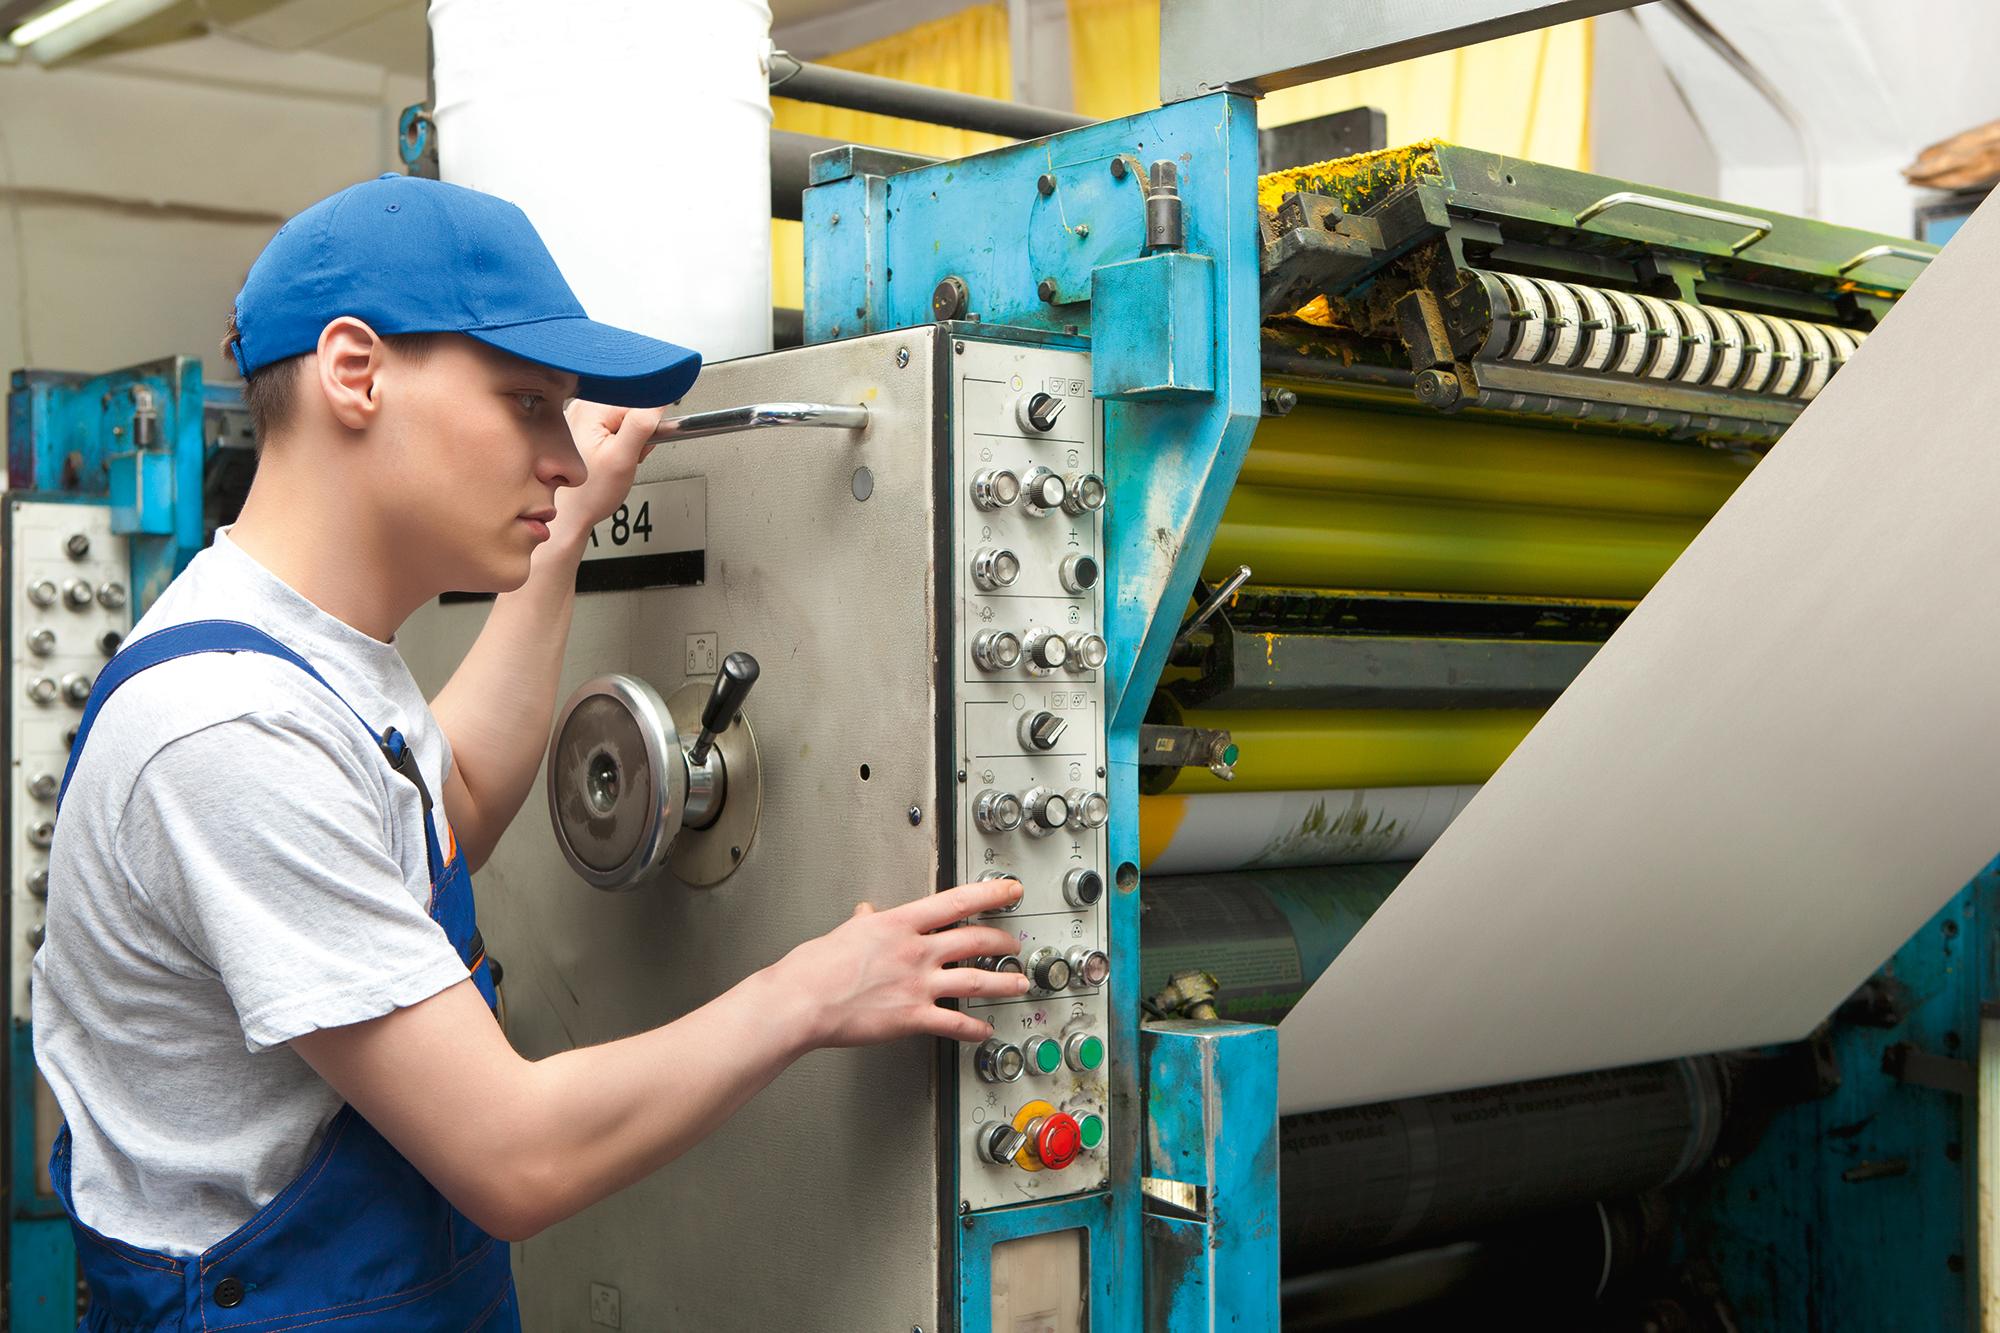 Ausbildung zum Medientechnologen Druck/Siebdruck bei A.S. Création in Gummersbach und Wiehl